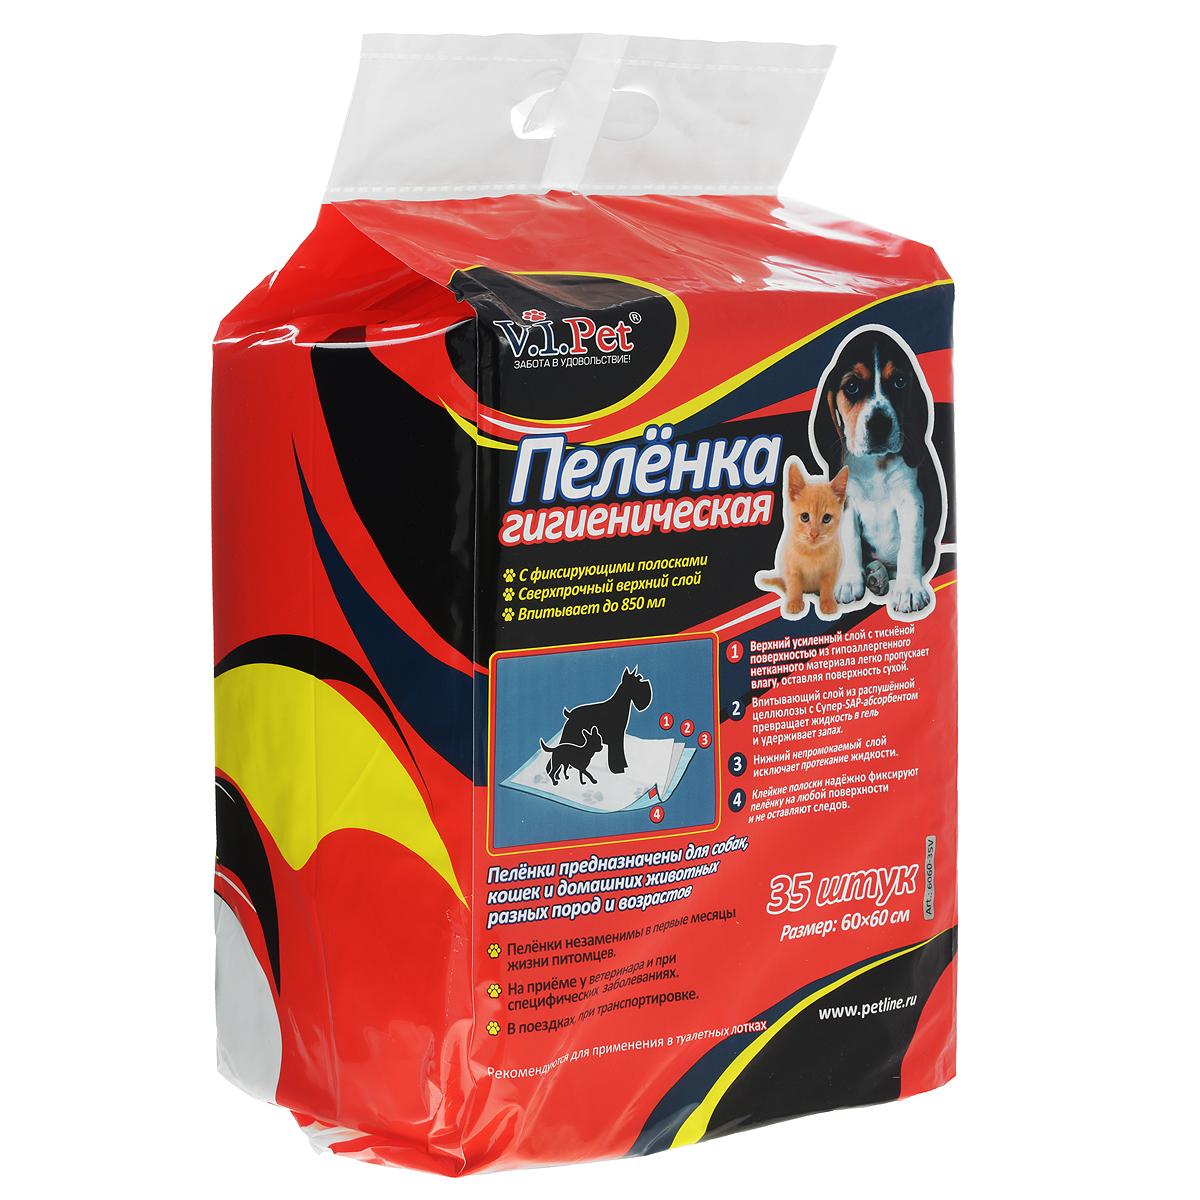 Пеленки для домашних животных V.I.Pet, гигиенические, 60 см х 60 см, 35 шт6060-35VВпитывающие гигиенические пеленки V.I.Pet предназначены для собак, кошек и других домашних животных разных пород и возрастов. Пеленки имеют 3 слоя:- верхний усиленный слой с тисненой поверхностью из гипоаллергенного нетканного материала легко пропускает влагу, оставляя поверхность сухой; - впитывающий слой из распушенной целлюлозы с Супер-SAP-абсорбентом превращает жидкость в гель и удерживает запах; - нижний непромокаемый слой исключает протекание жидкости; Клейкие полоски надежно фиксируют пеленку на любой поверхности и не оставляют следов. Пеленки незаменимы в первые месяцы жизни щенков, при специфических заболеваниях, поездках, выставках и на приеме у ветеринара. Подходят для туалетных лотков.Благодаря оригинальной 3-х слойной компановке, пеленки прекрасно удерживают влагу. Сохраняют форму, поглощая до 850 мл жидкости. Сверхпрочный верхний слой устойчив к повреждениям и острым когтям. Пеленки обеспечивают комфорт и спокойствие вам и вашему питомцу. Комплектация: 35 шт. Размер пеленки: 60 см х 60 см.Товар сертифицирован.